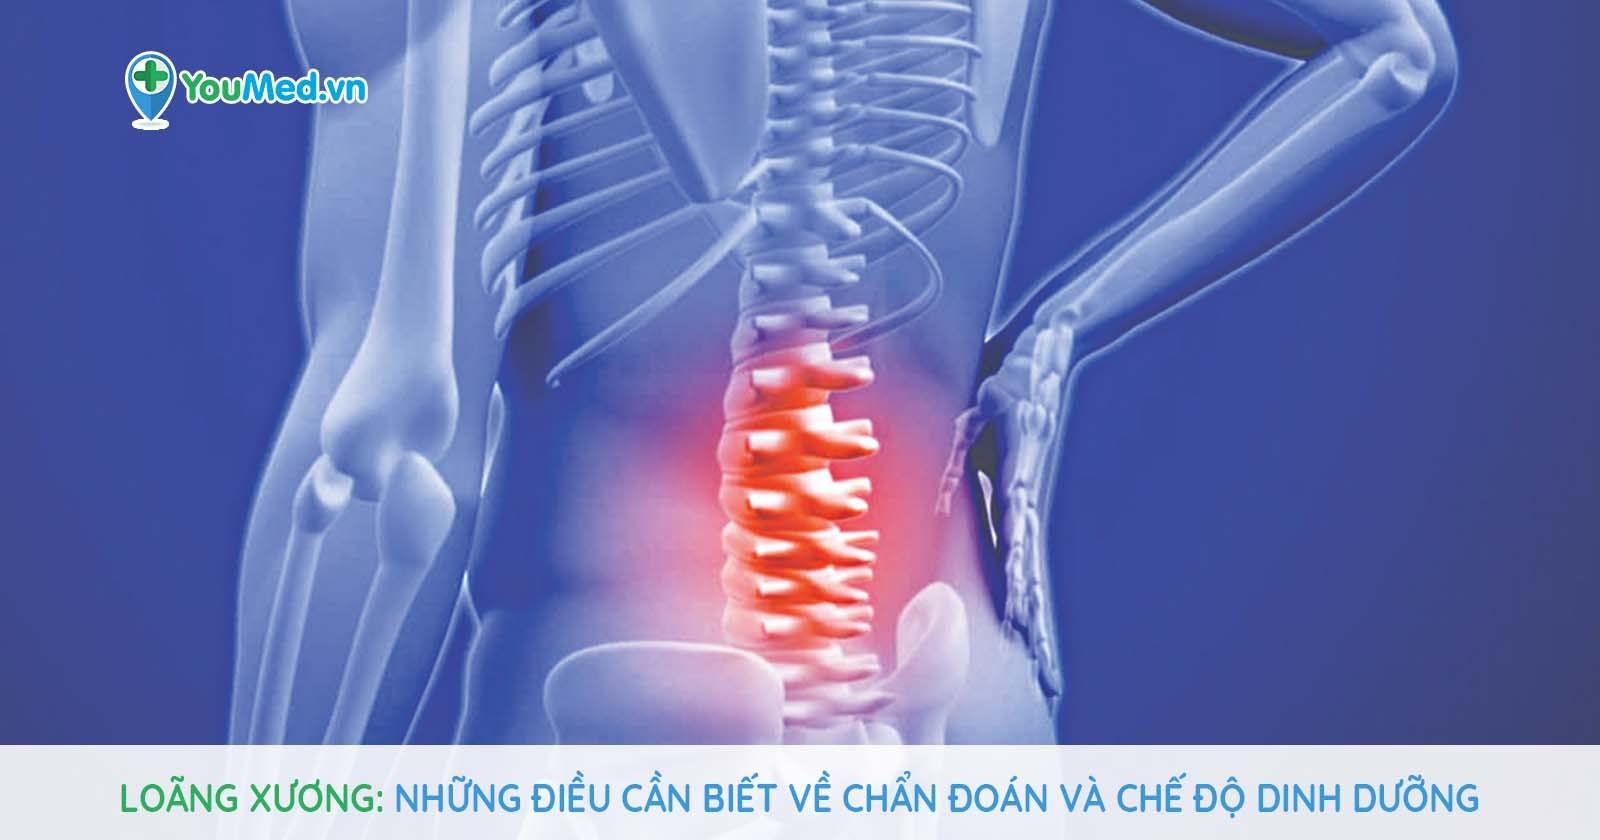 Loãng xương: Những điều cần biết về chẩn đoán và chế độ dinh dưỡng